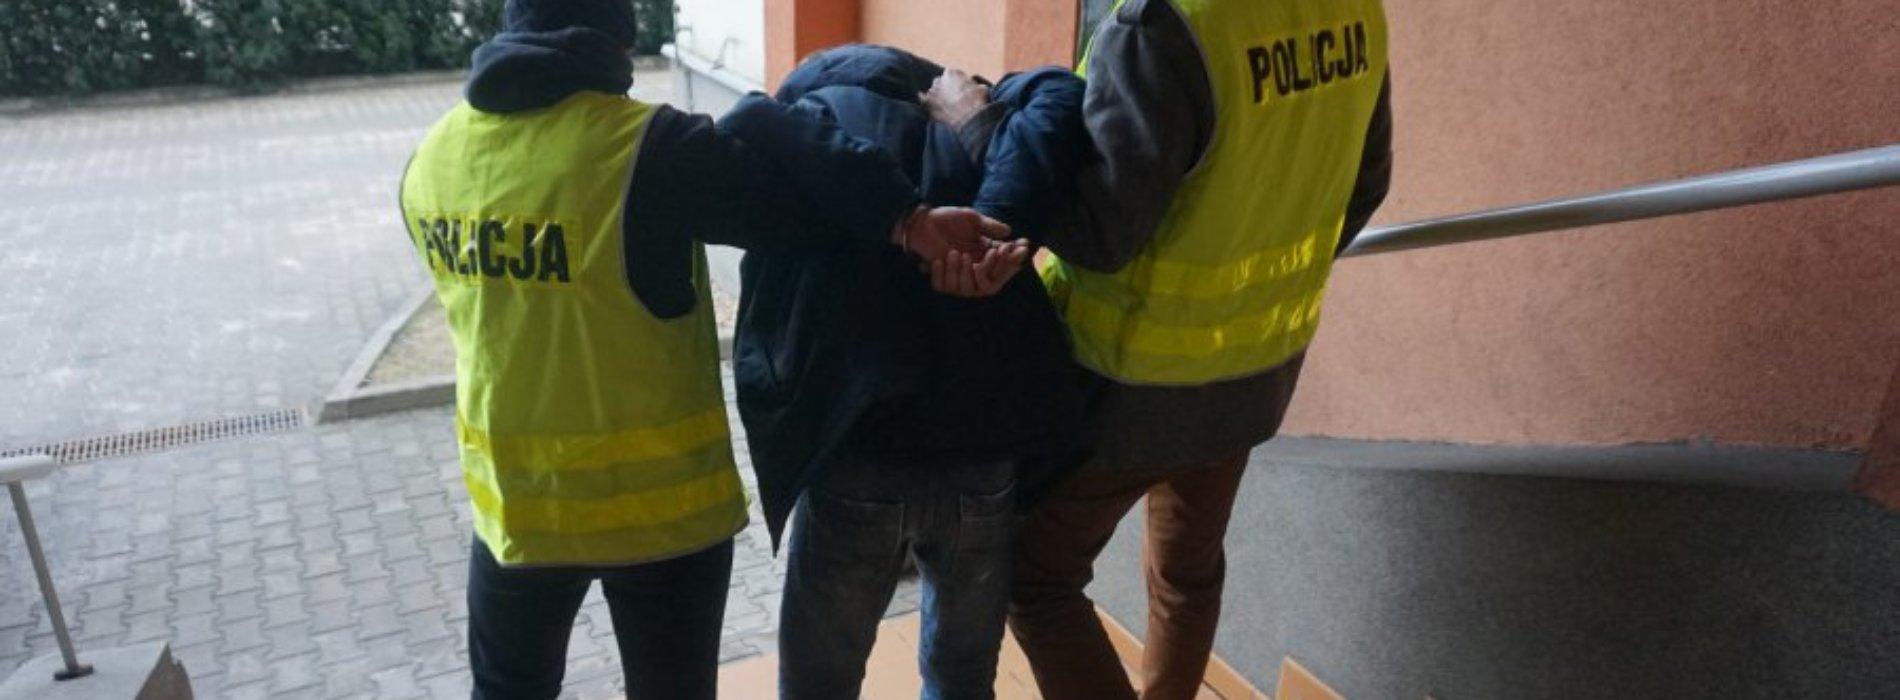 WANDAL W RĘKACH POLICJI